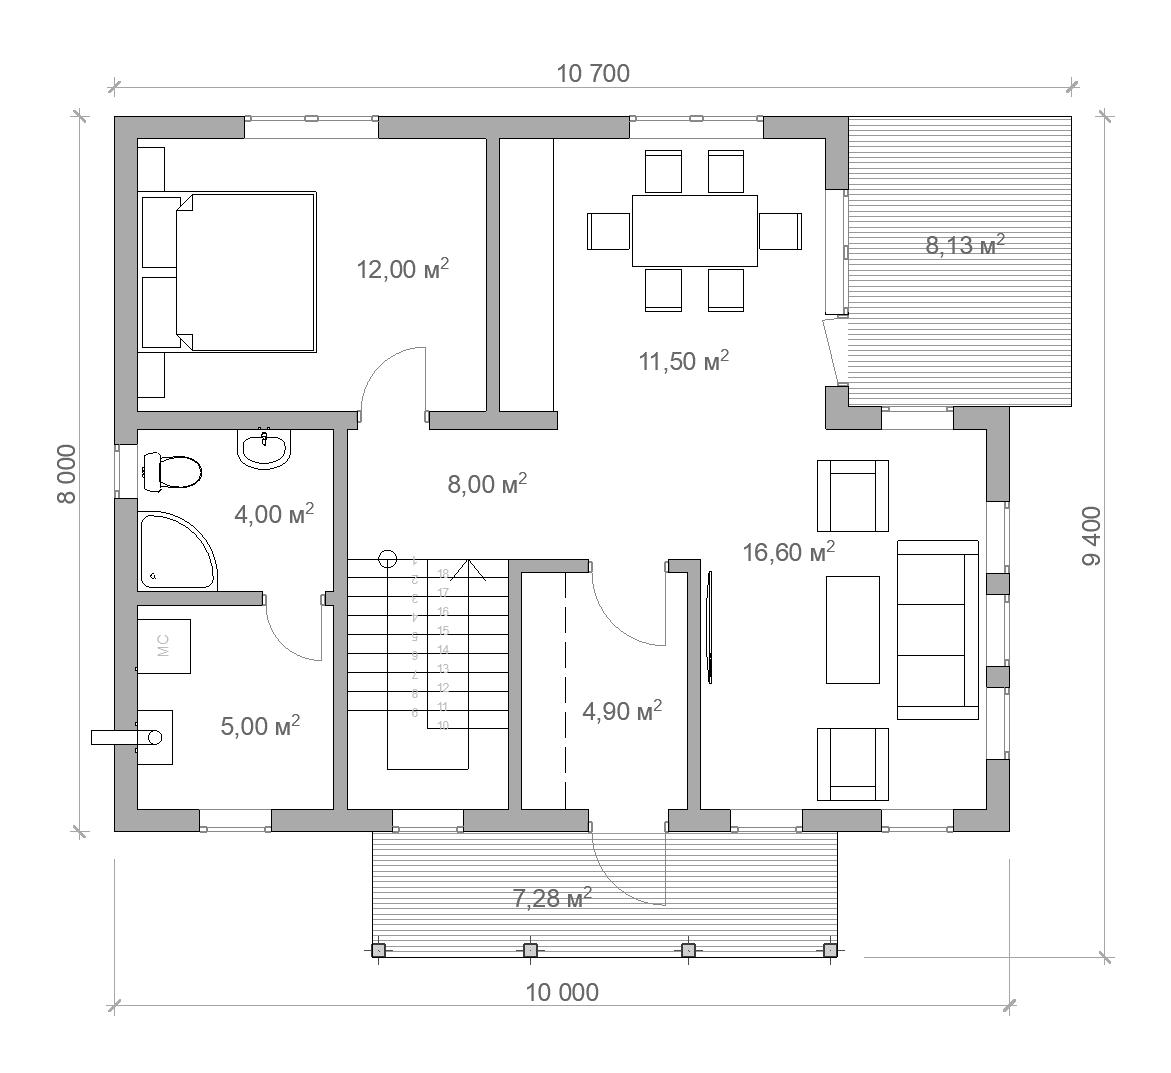 Каркасный дом планировка 1 этаж